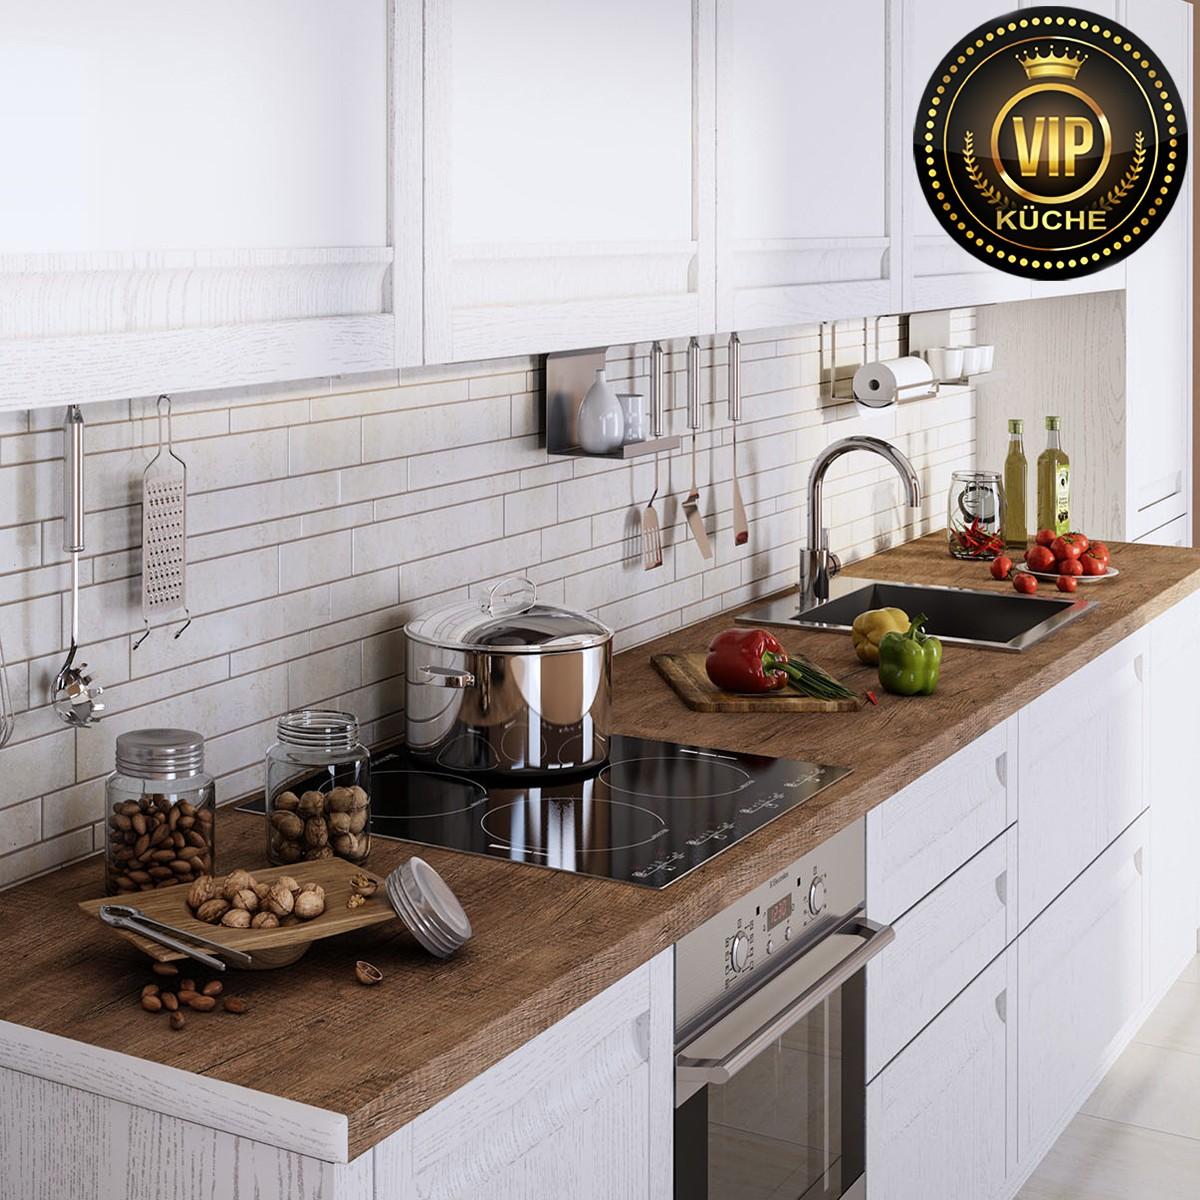 Full Size of Reiniger Für Hochglanz Küche Hochglanz Küche Richtig Putzen Schwarze Hochglanz Küche Erfahrungen Graue Hochglanz Küche Küche Hochglanz Küche